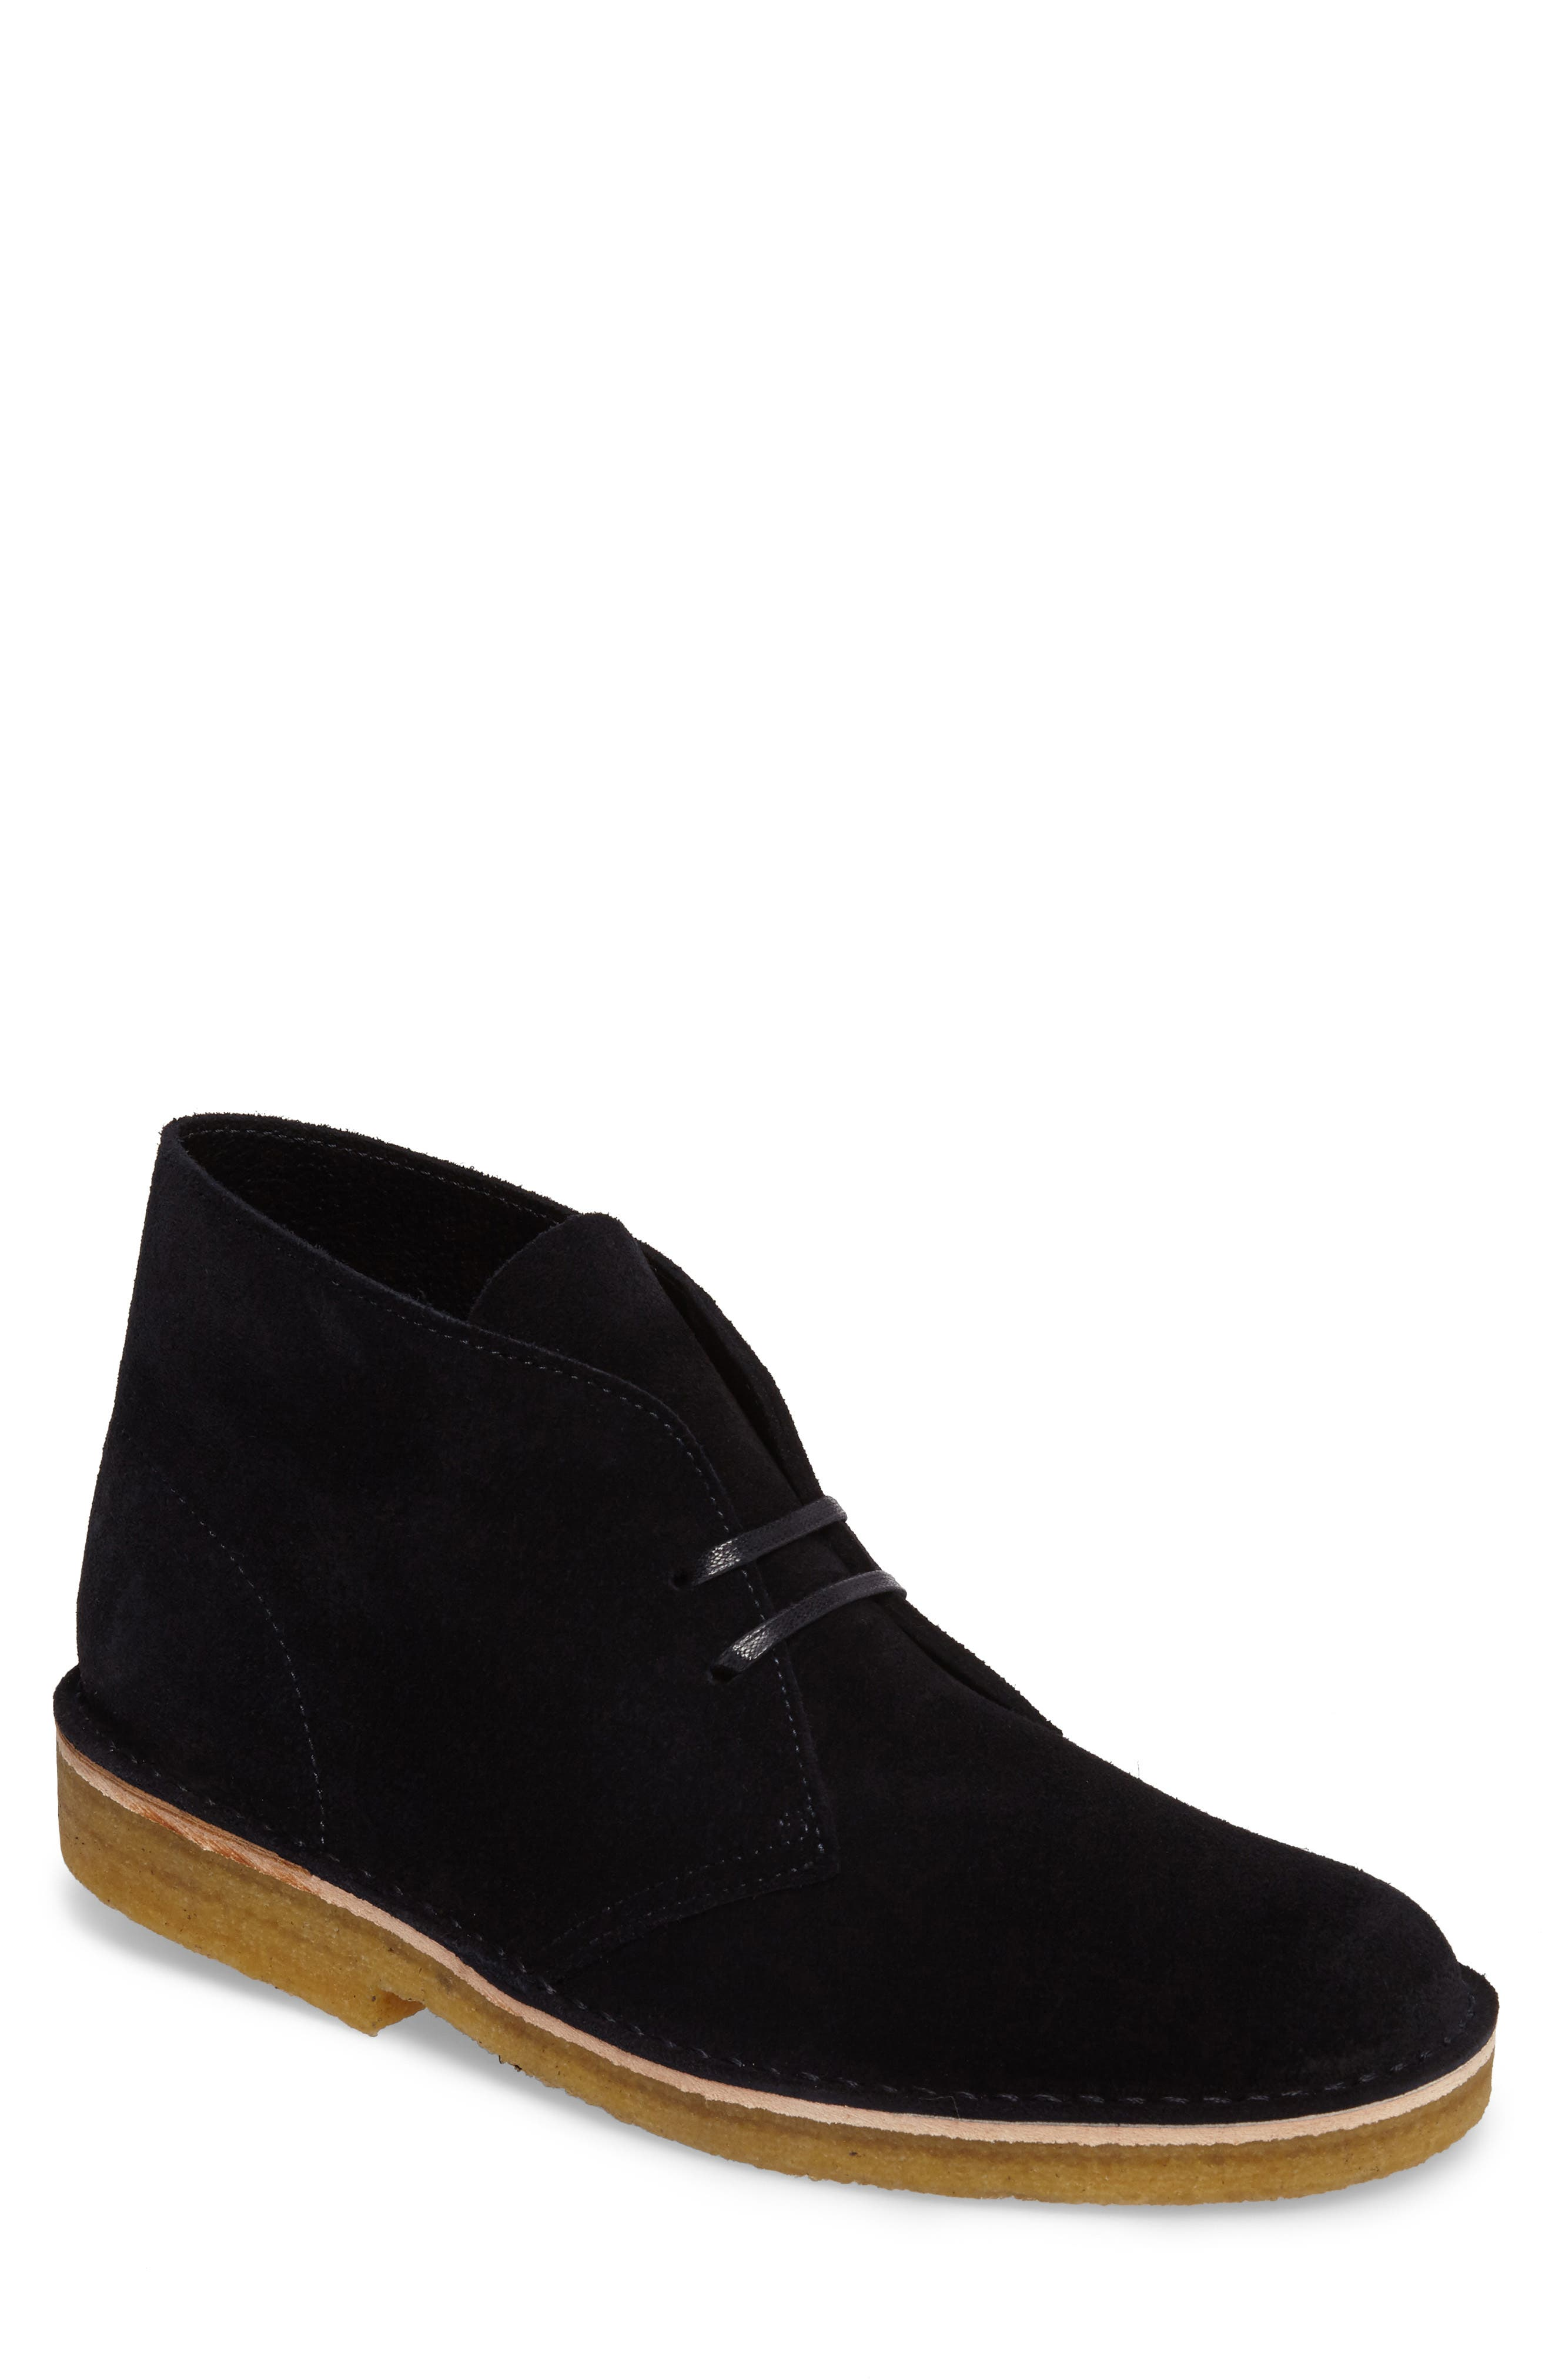 Desert Chukka Boot,                         Main,                         color, Indigo Suede